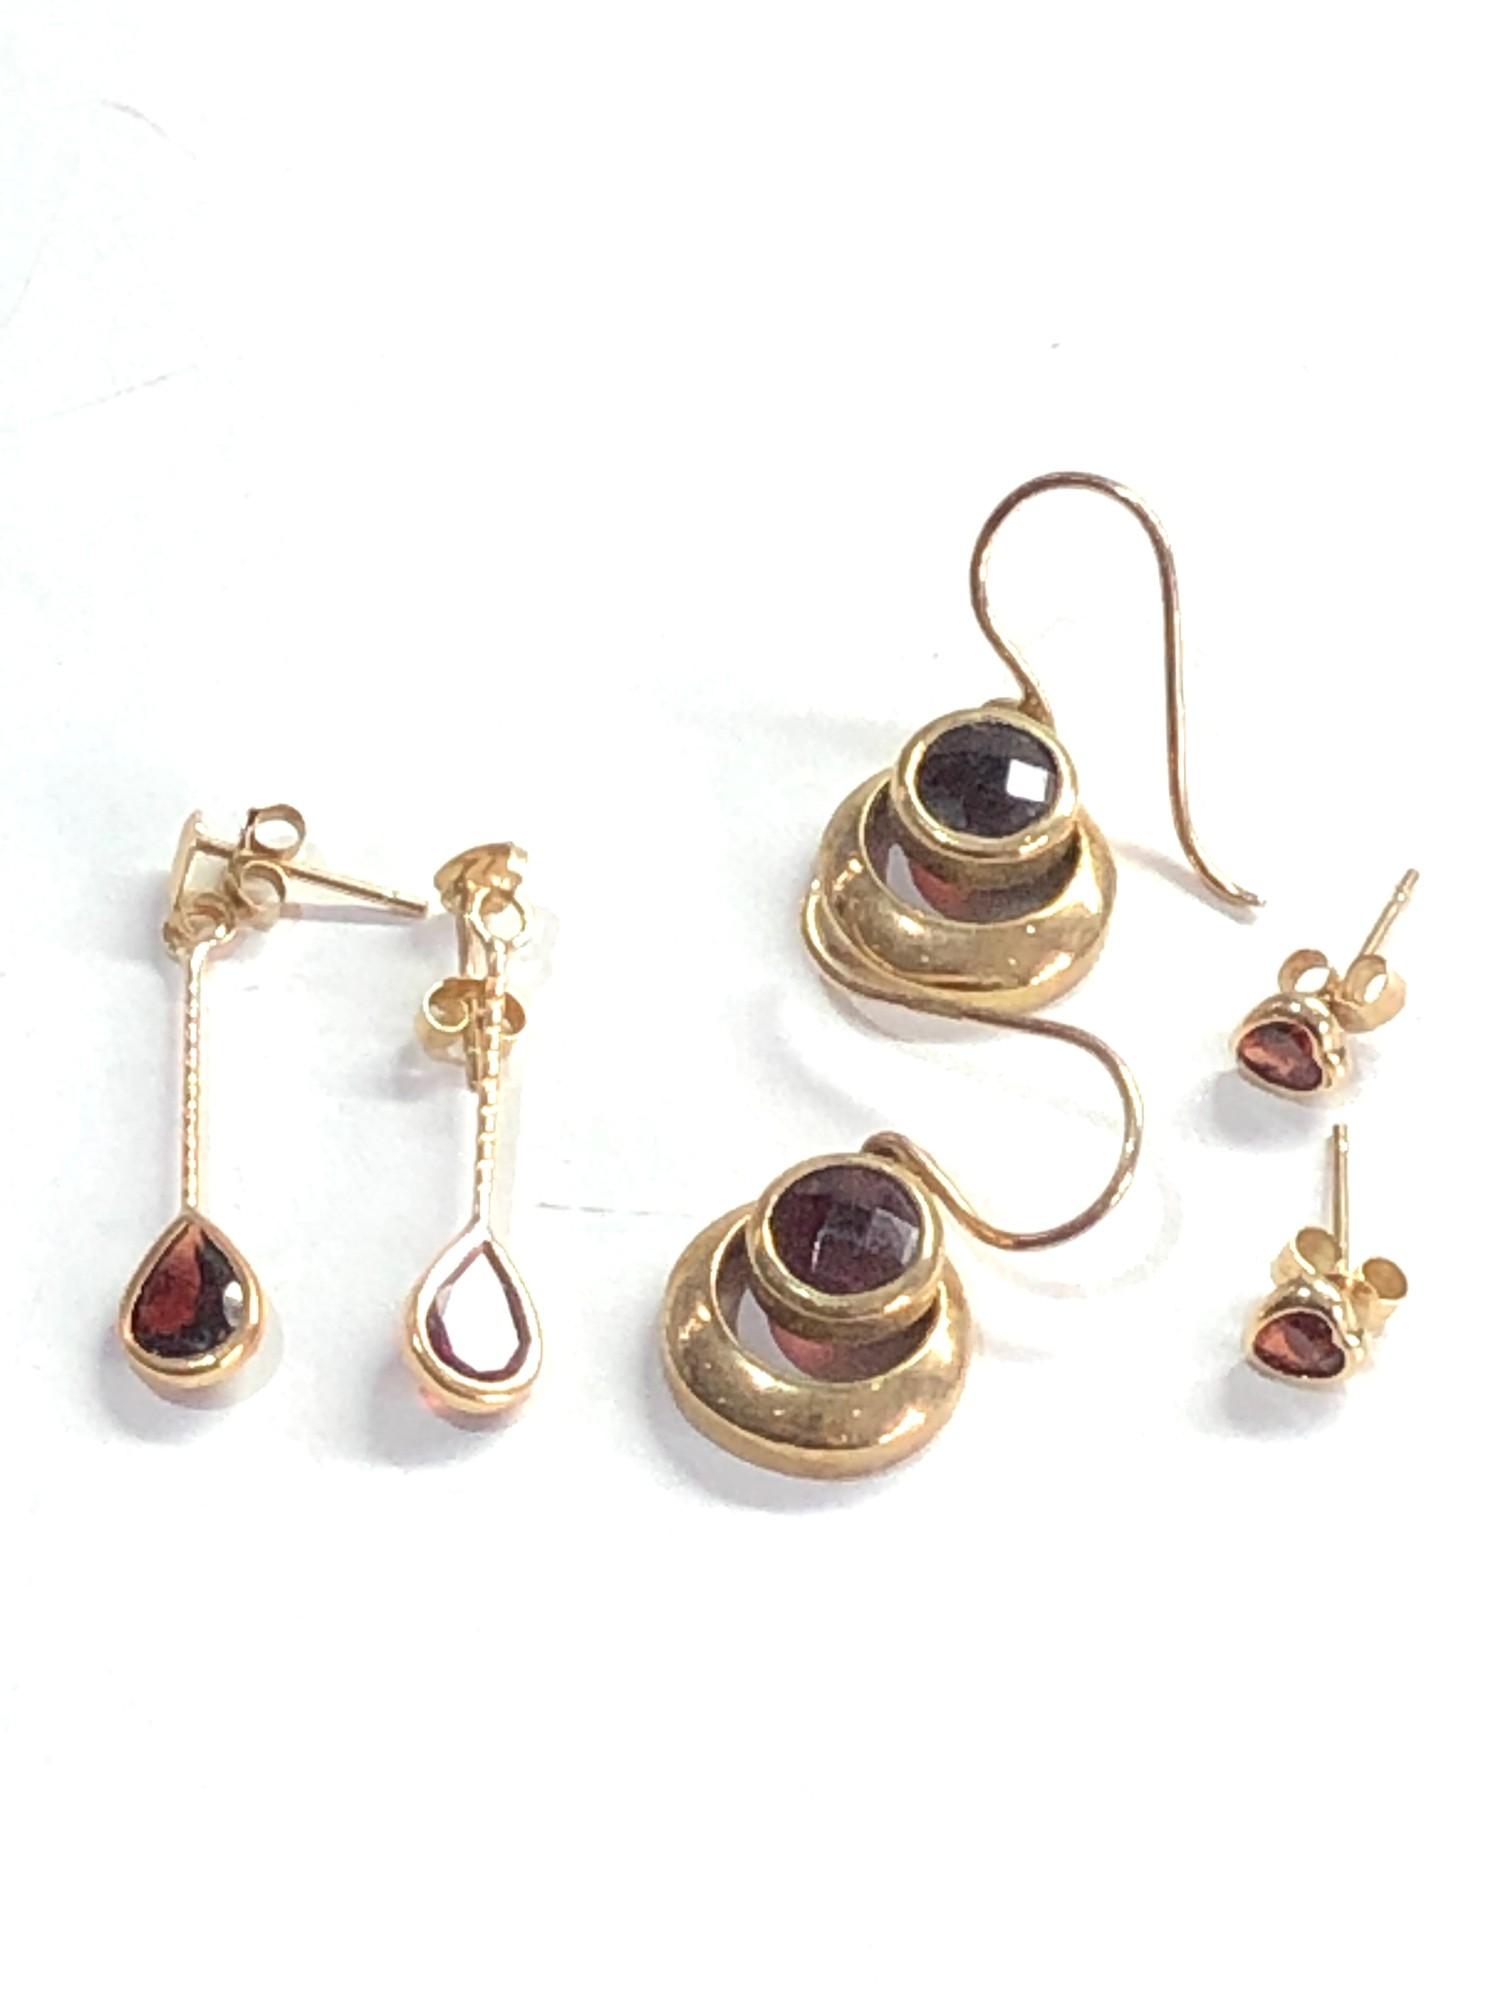 3 x 9ct garnet earrings 5g